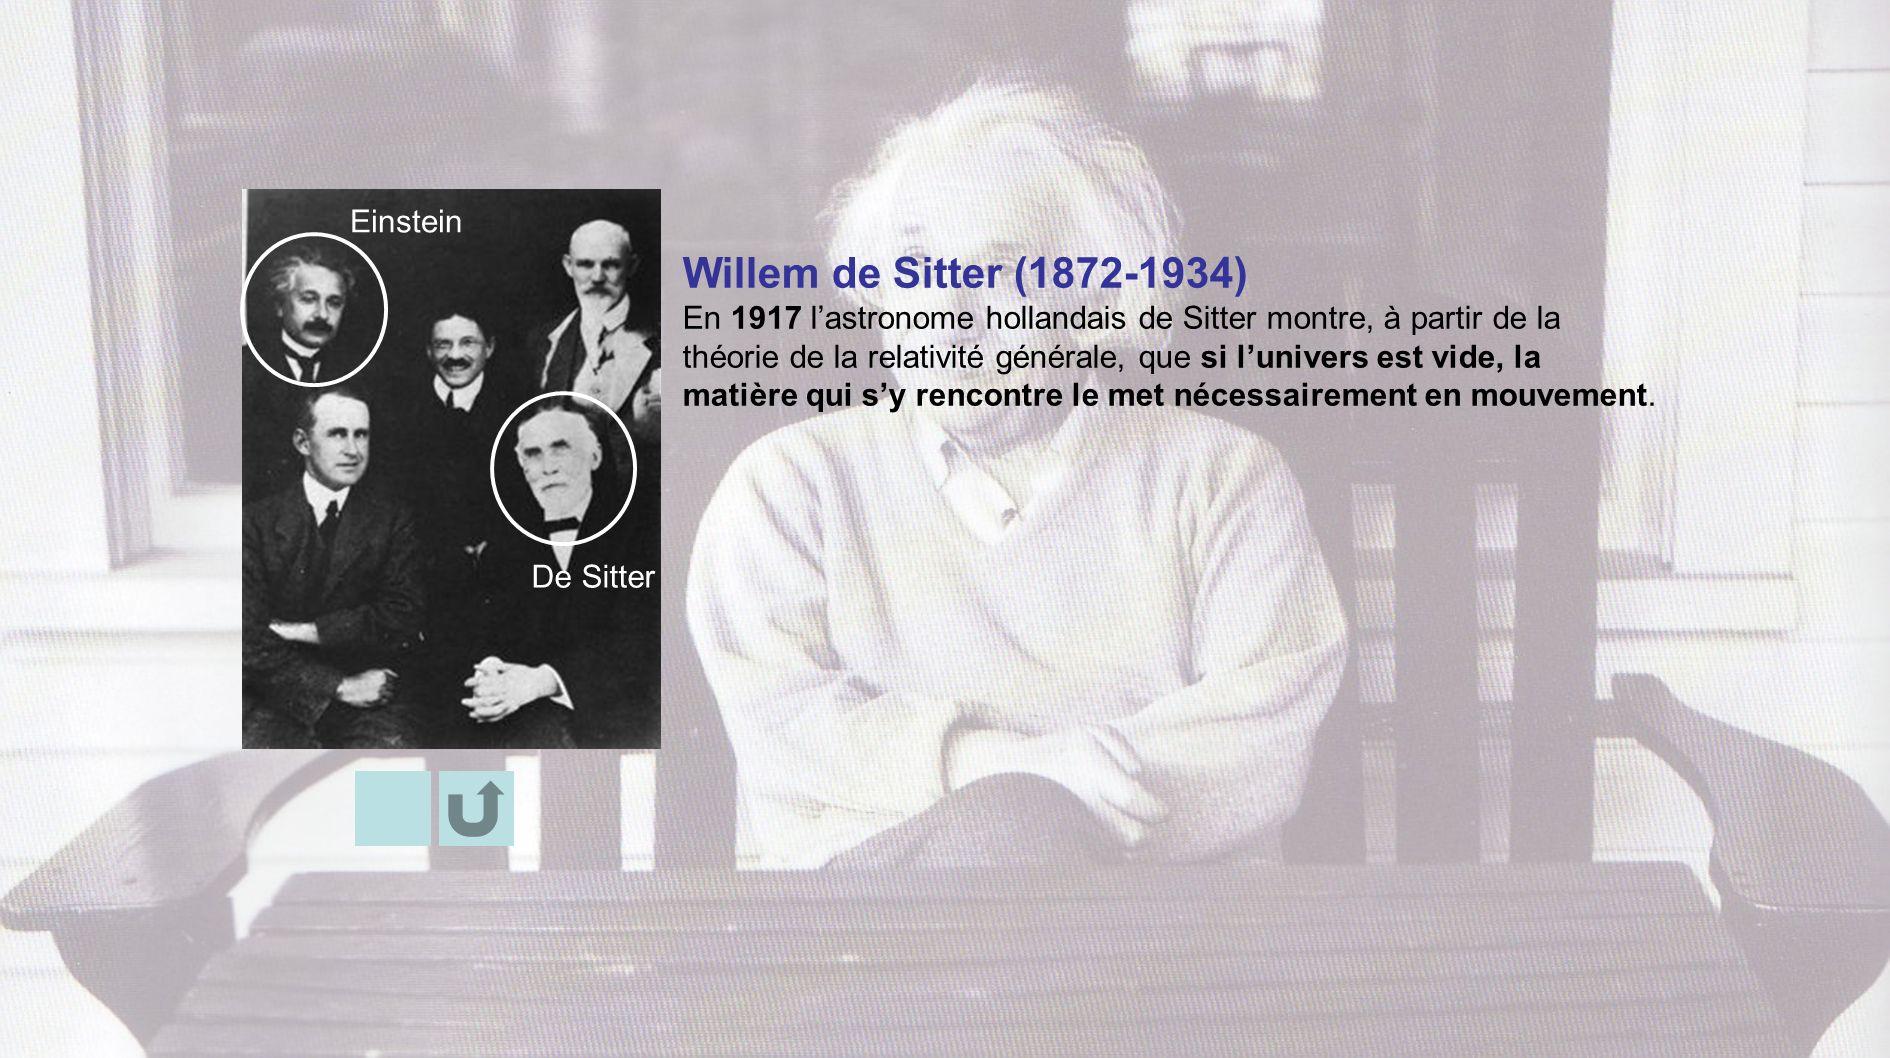 Willem de Sitter (1872-1934) Einstein